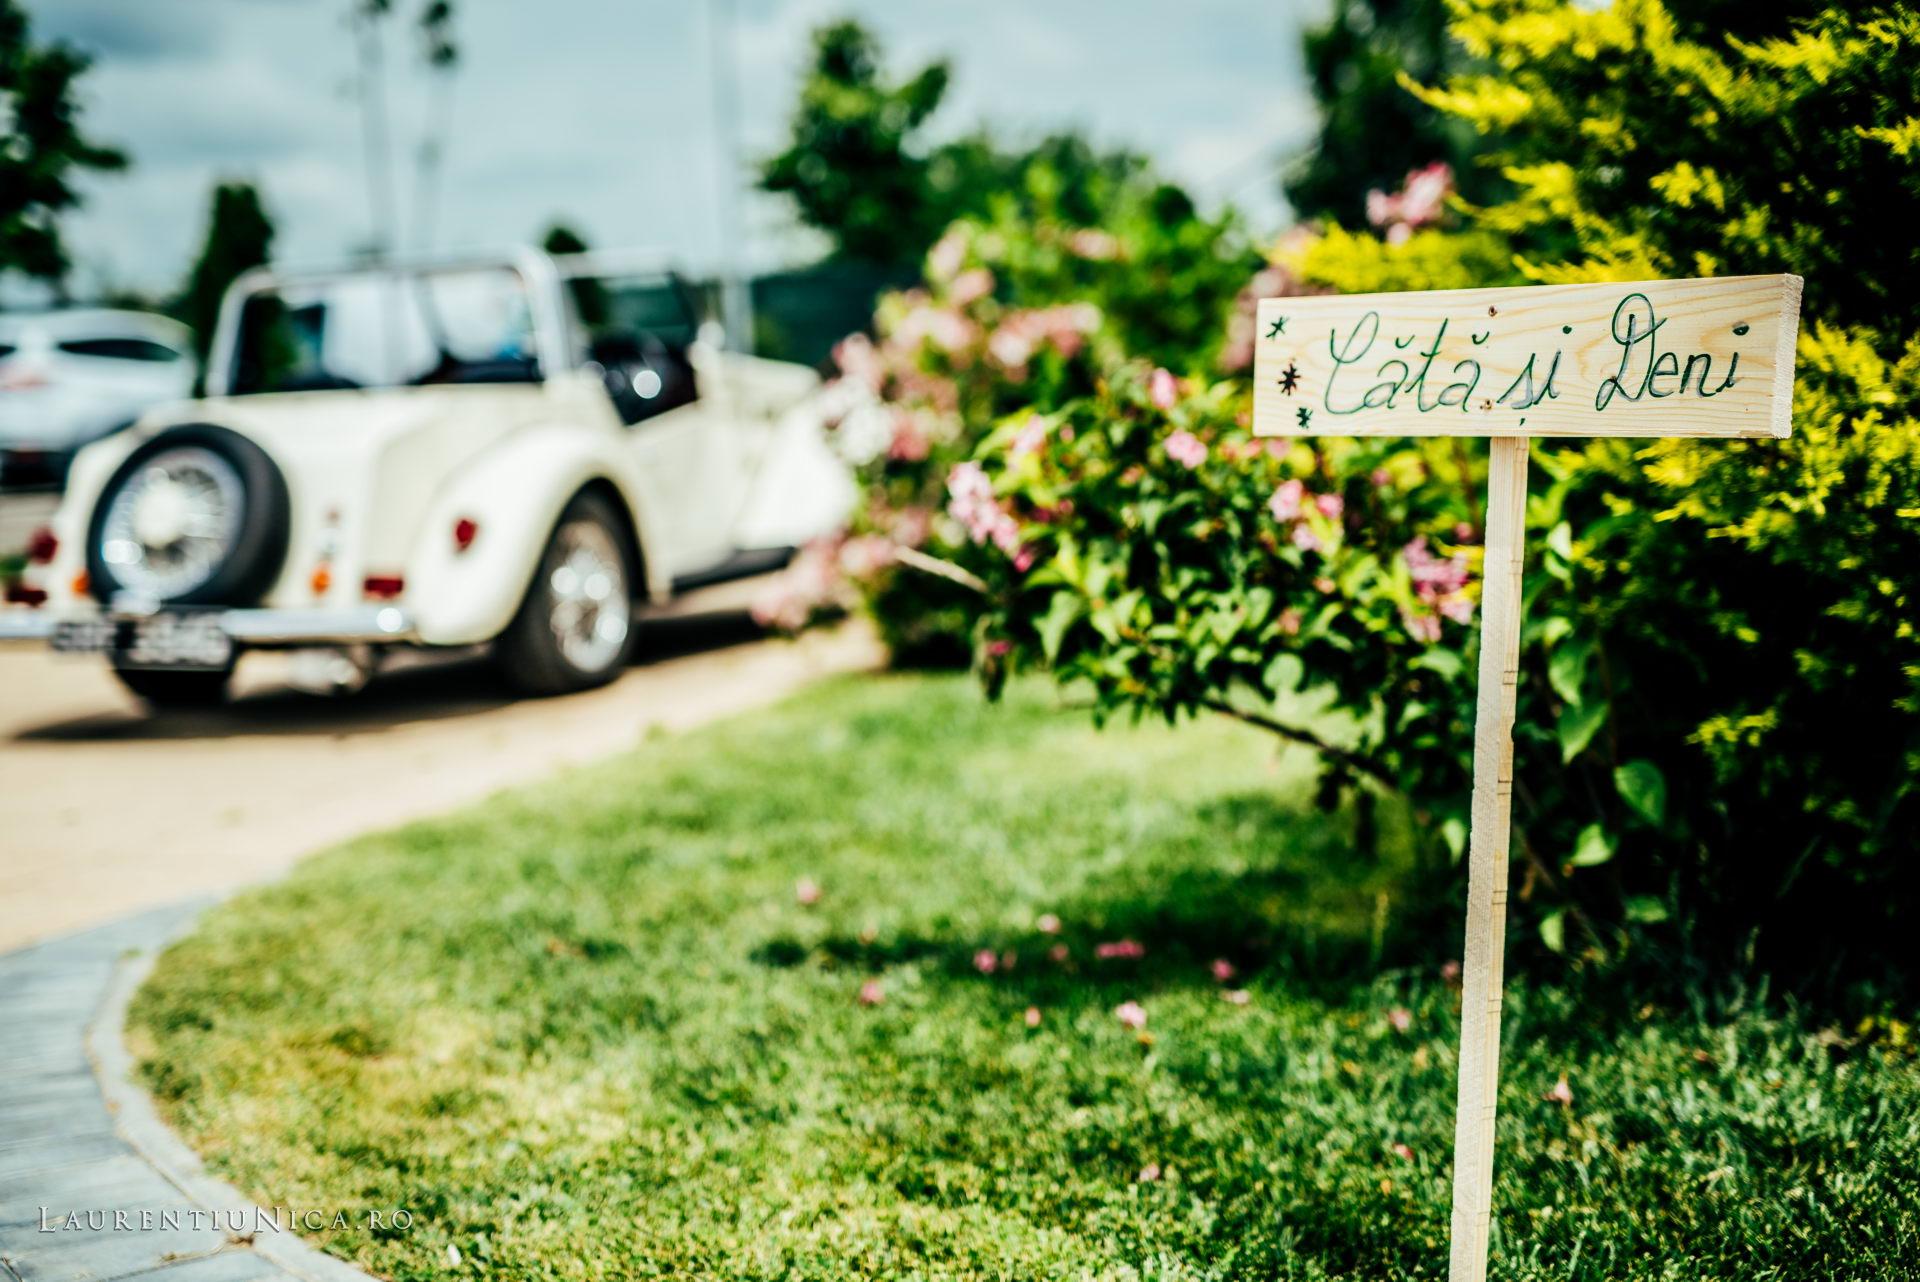 denisa si catalin fotograf nunta laurentiu nica craiova 01 - Denisa si Catalin | Fotografii nunta | Craiova